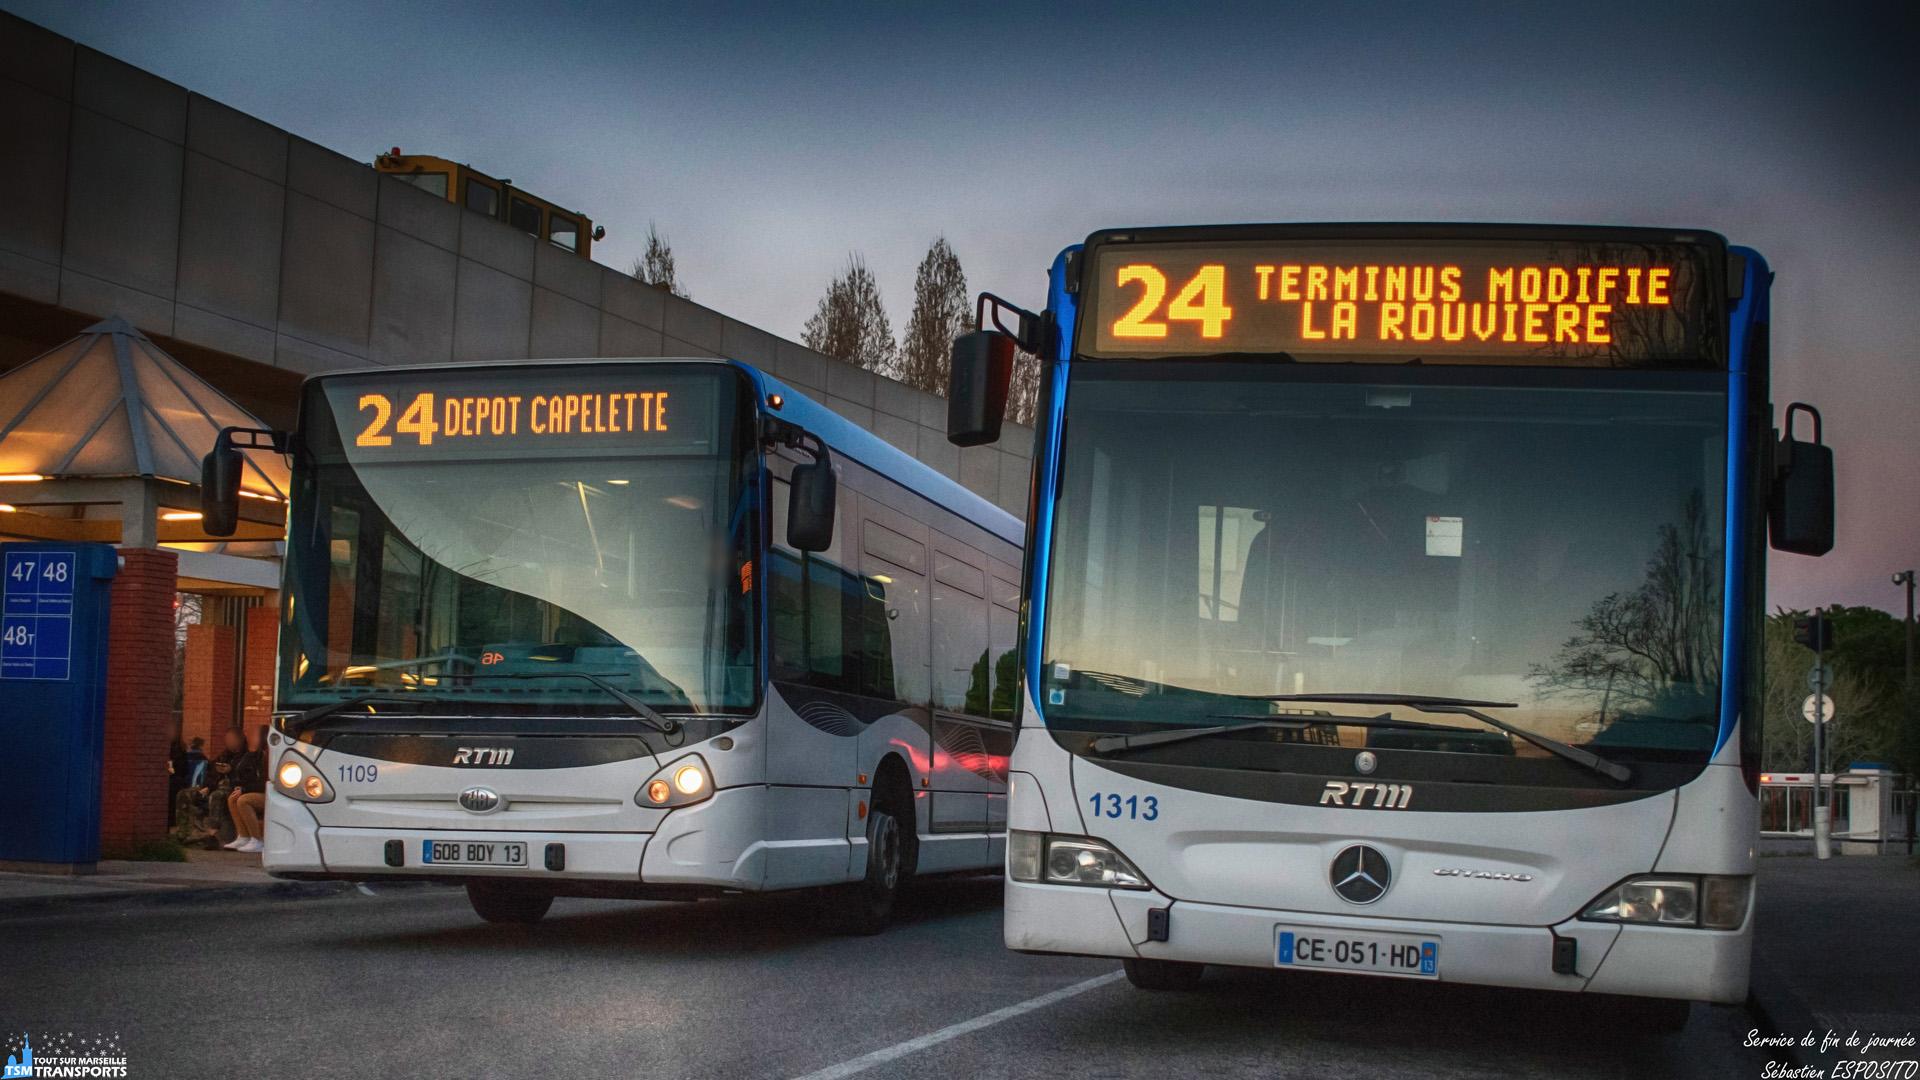 Presque 19h, il est temps pour certains véhicules de rejoindre le dépôt après avoir rendu service sur les lignes Marseillaises. . C'est à la tomber de la nuit, que ce GX 327 passe à côté d'un Facelift garé et en train d'effectuer sa pause avant d'assurer un service partiel vers la rouviere. . Le GX 327 prend quant à lui, la direction du dépôt Capelette en service commercial. . ℹ️ Heuliez Bus GX 327 RTM n°1109. . ℹ️² Mercedes Benz Citaro Facelift RTM n°1313. . 📍 Gare d'échange, Métro Sainte Marguerite Dromel, Boulevard Schloesing, 9eme arrondissement de Marseille. . ↔️ 24 : Métro Sainte Marguerite Dromel - Dépôt Capelette. . ↔️² 24 : Métro Sainte Marguerite Dromel - La Rouviere (SP). . 👀 On peut apercevoir une draisine sur la passerelle du Métro, garée dans l'arrière gare. . 📸 Nikon D5600. . 📷 Nikkor 18-55mm. . 📅 19 Mars 2019 à 18:55. . 👨 Sébastien ESPOSITO.